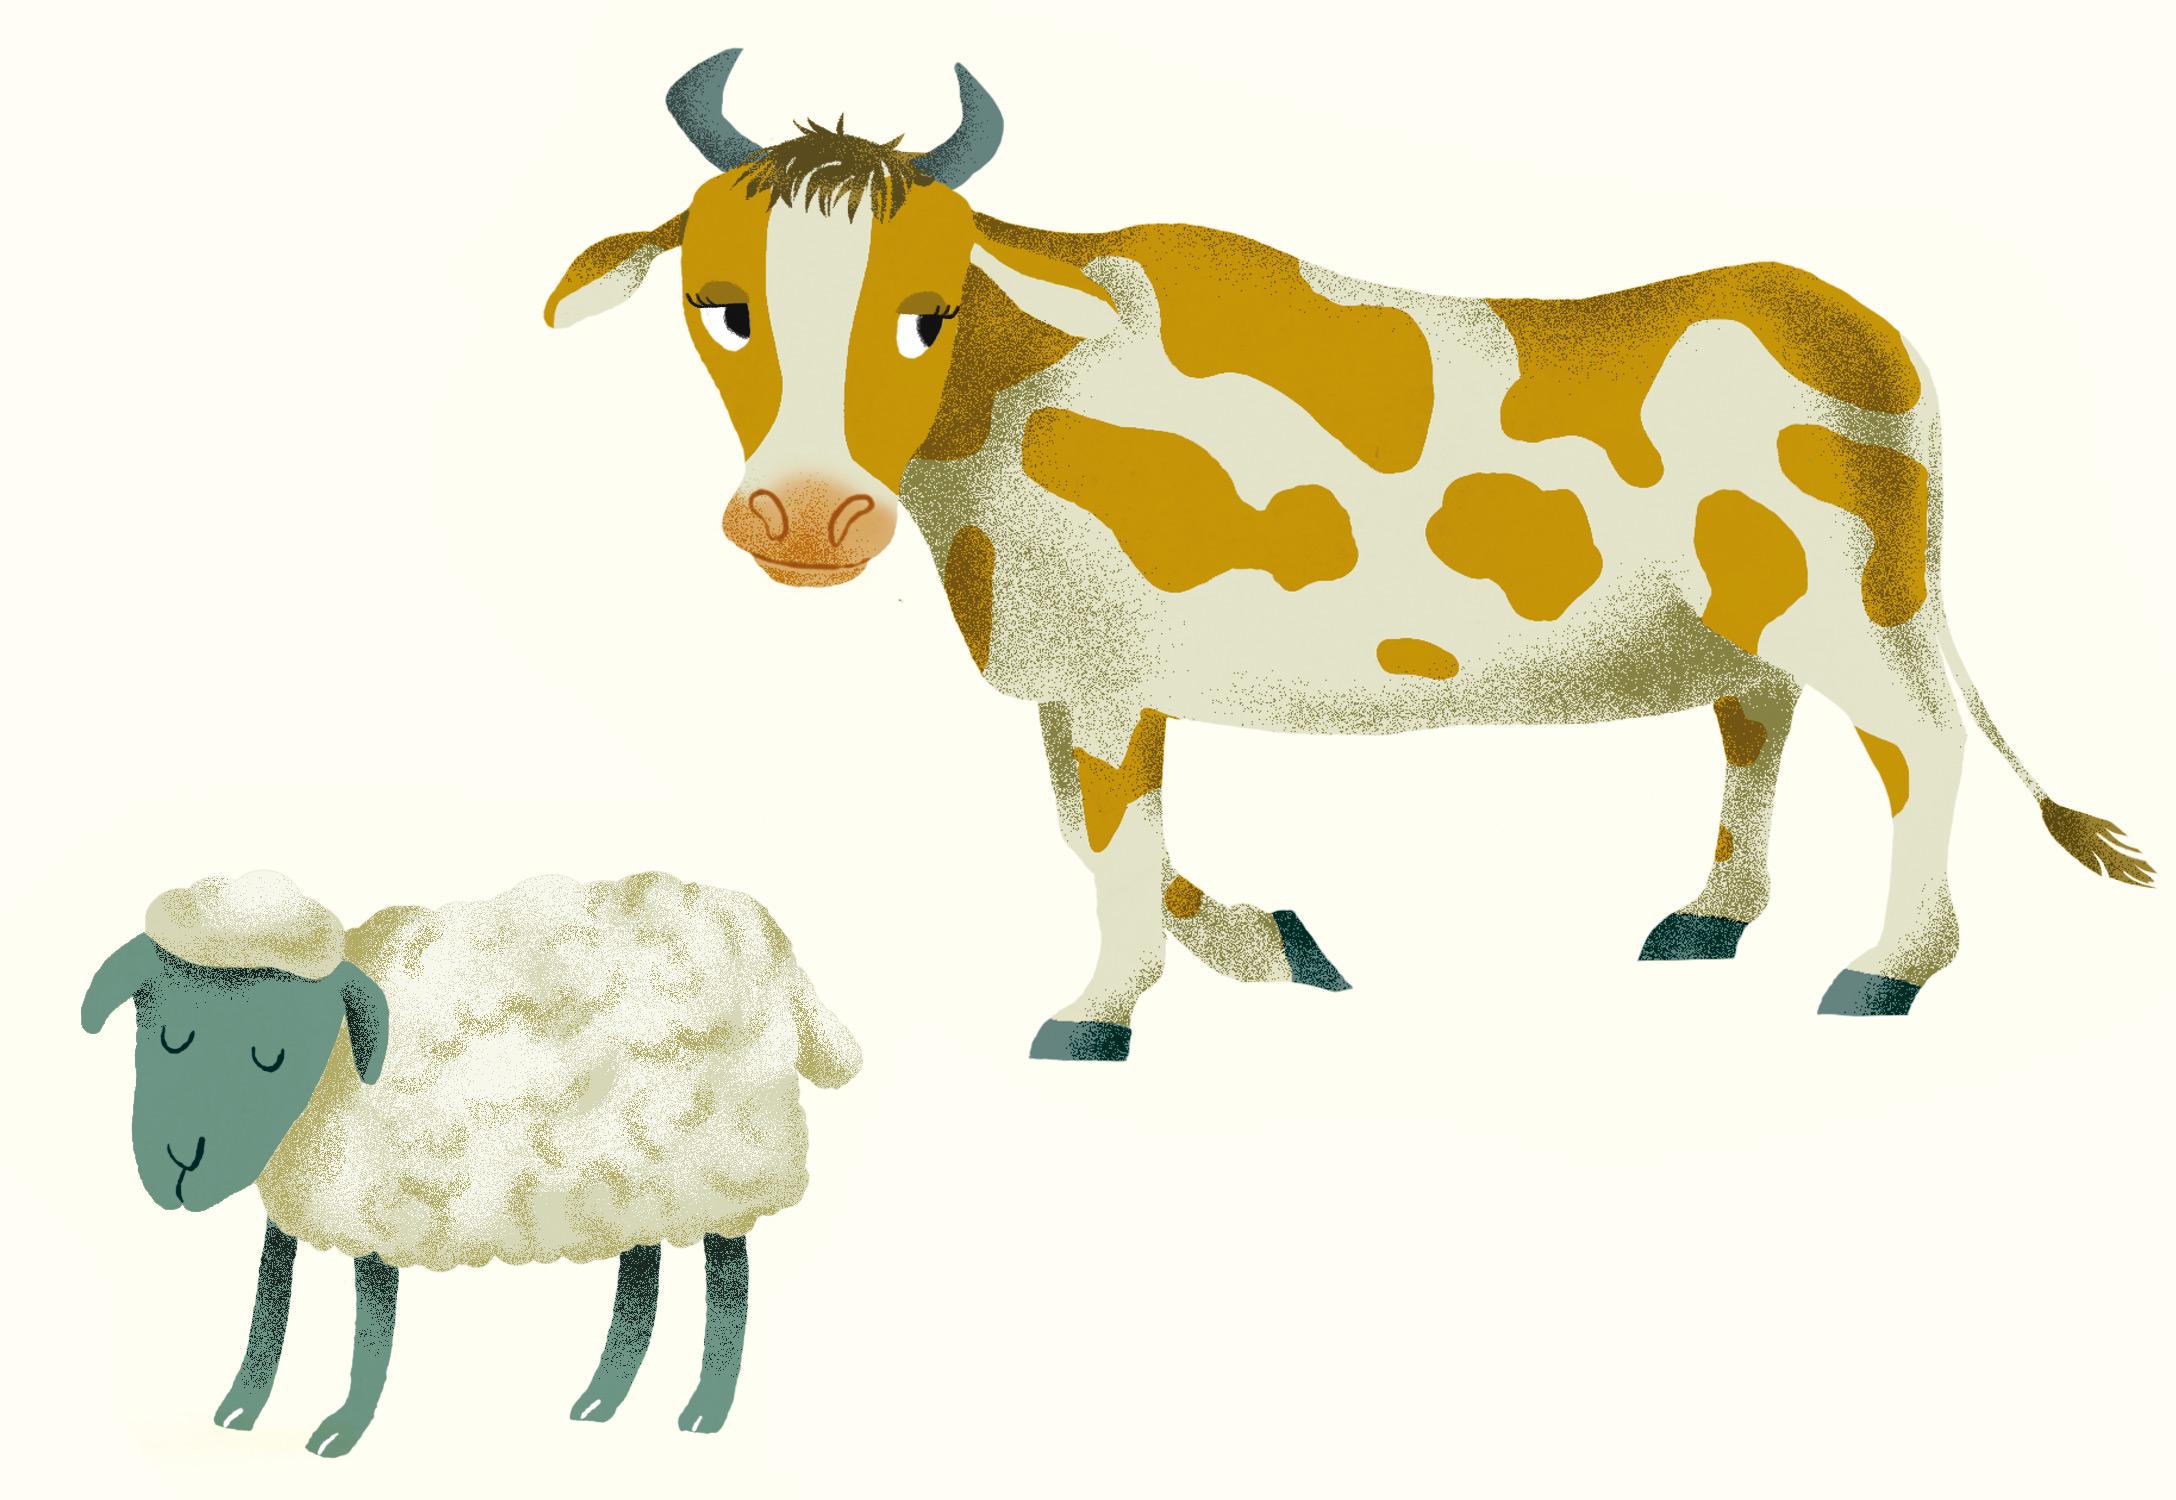 Annalisa Papagna illustration - Farm animals, cow and sheep